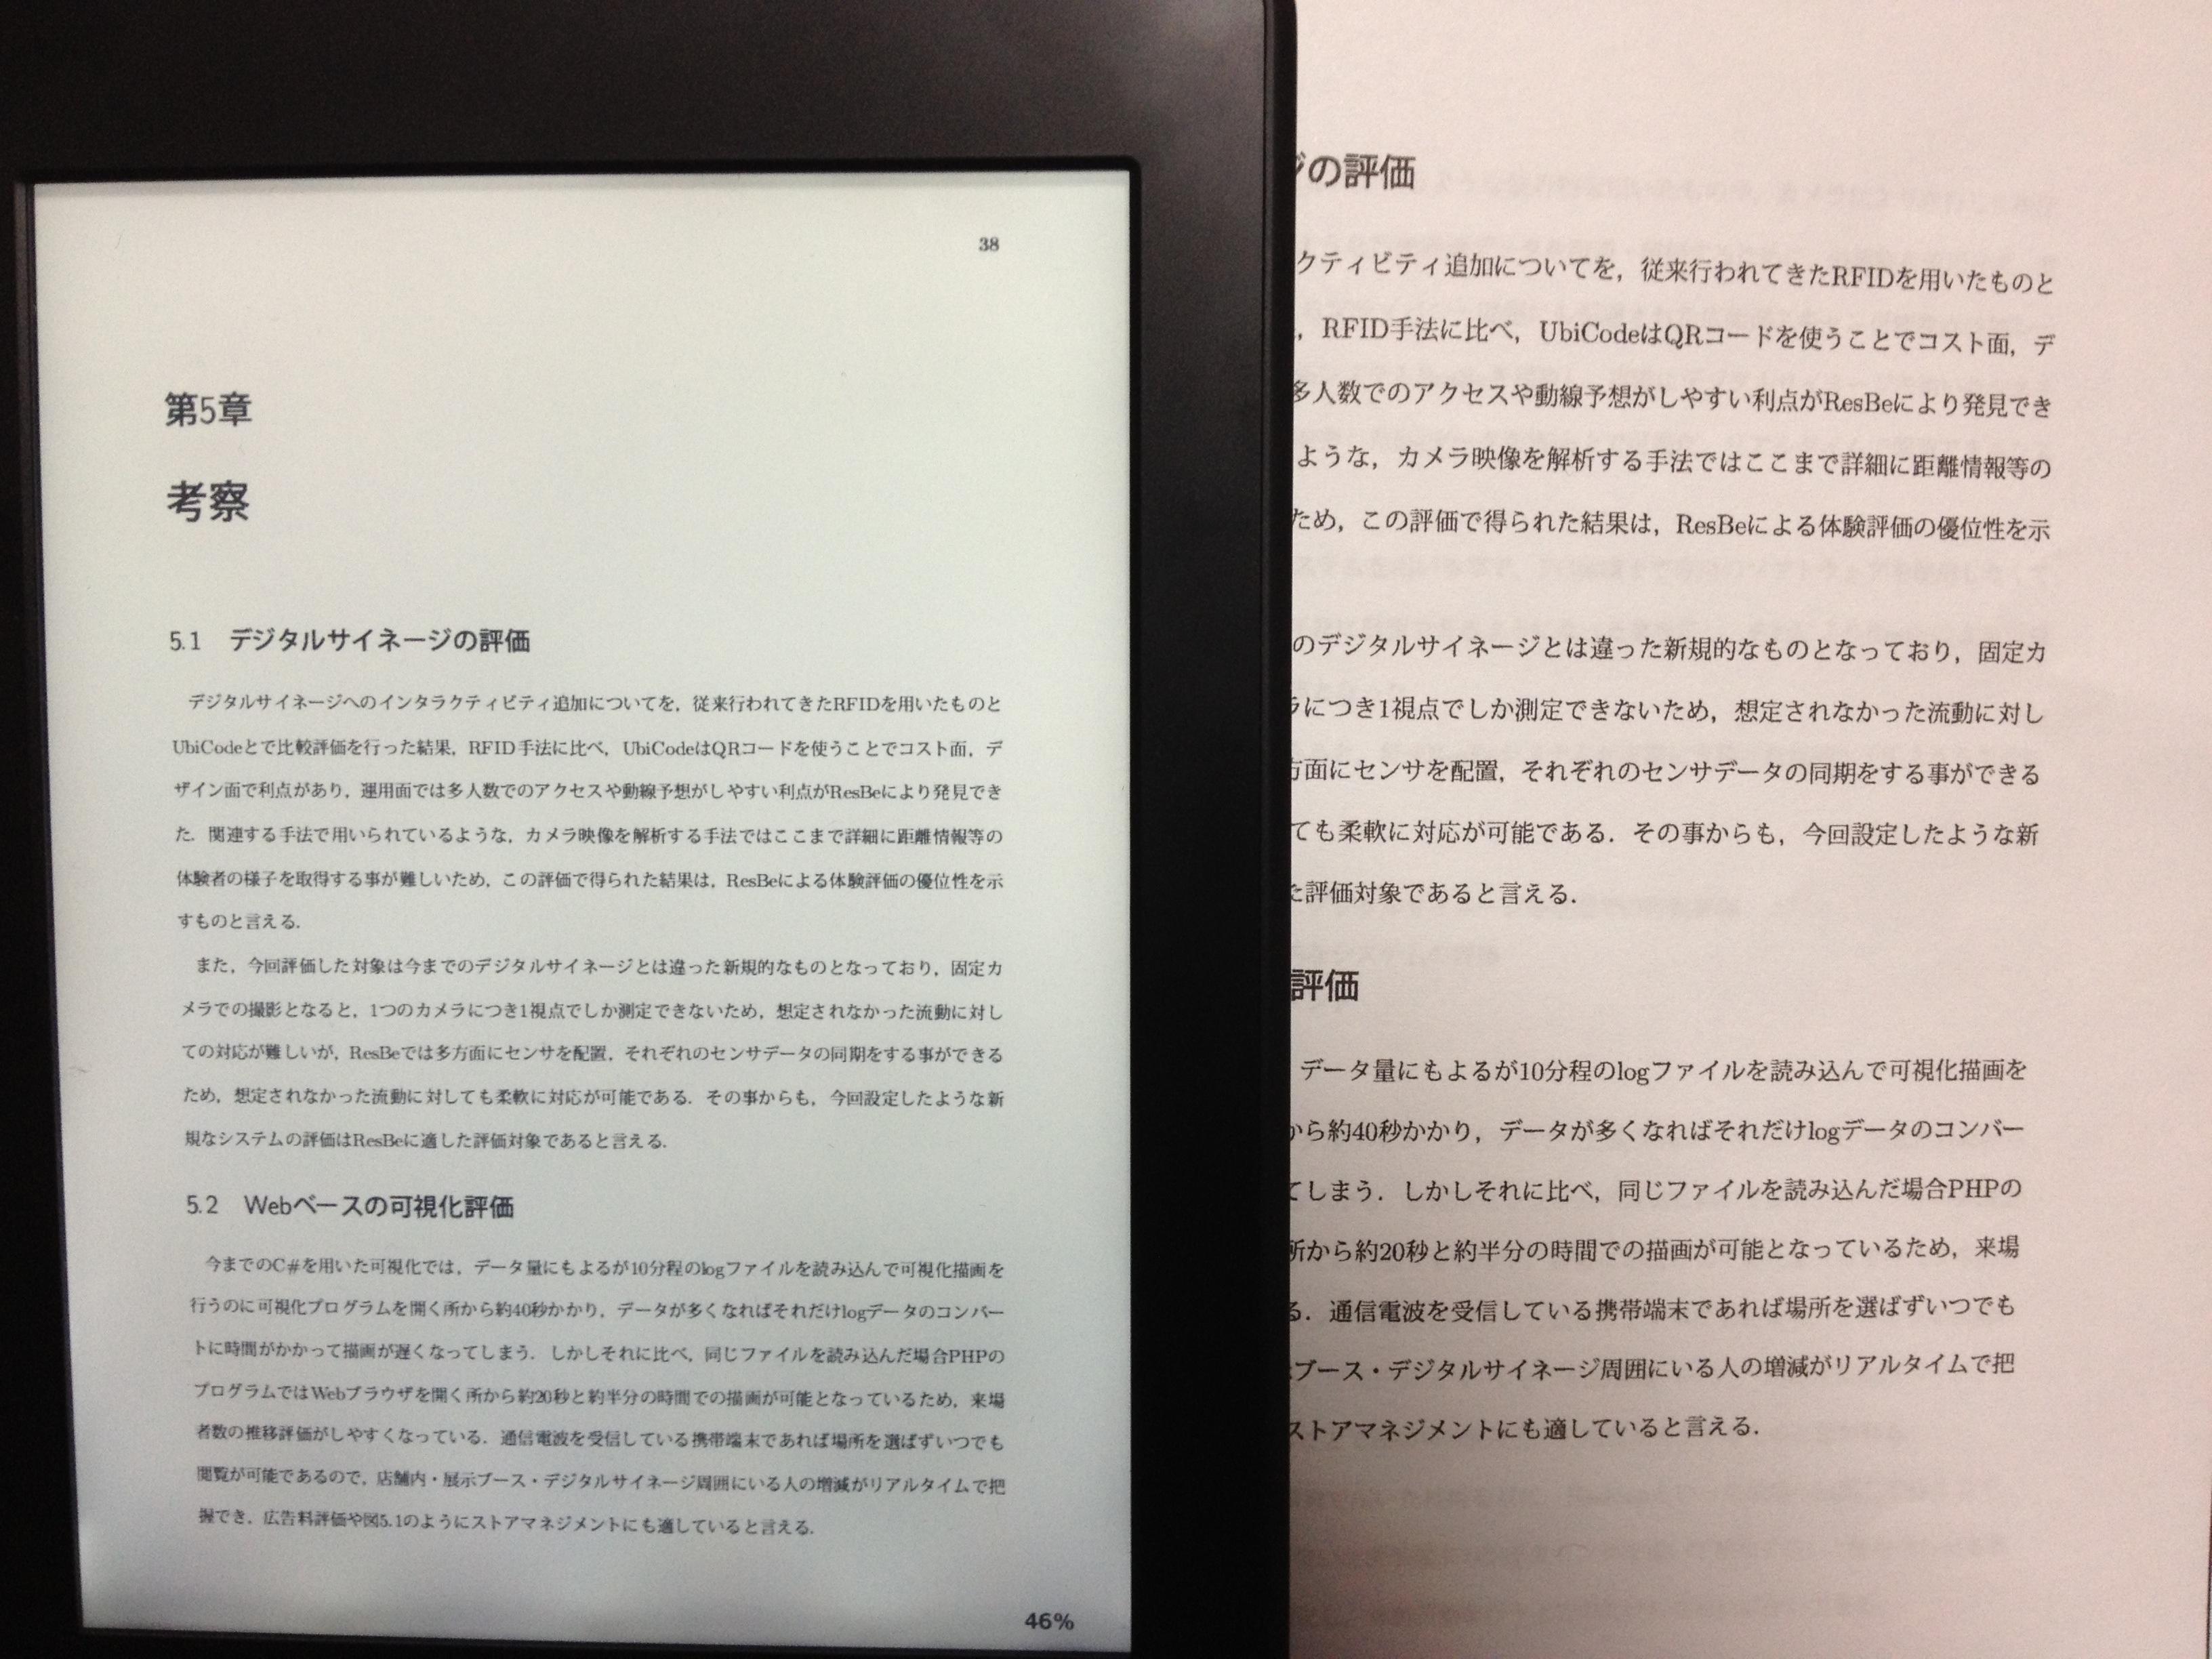 自由研究 自由研究 レポート : Kindle PaperWhiteは論文校正に ...